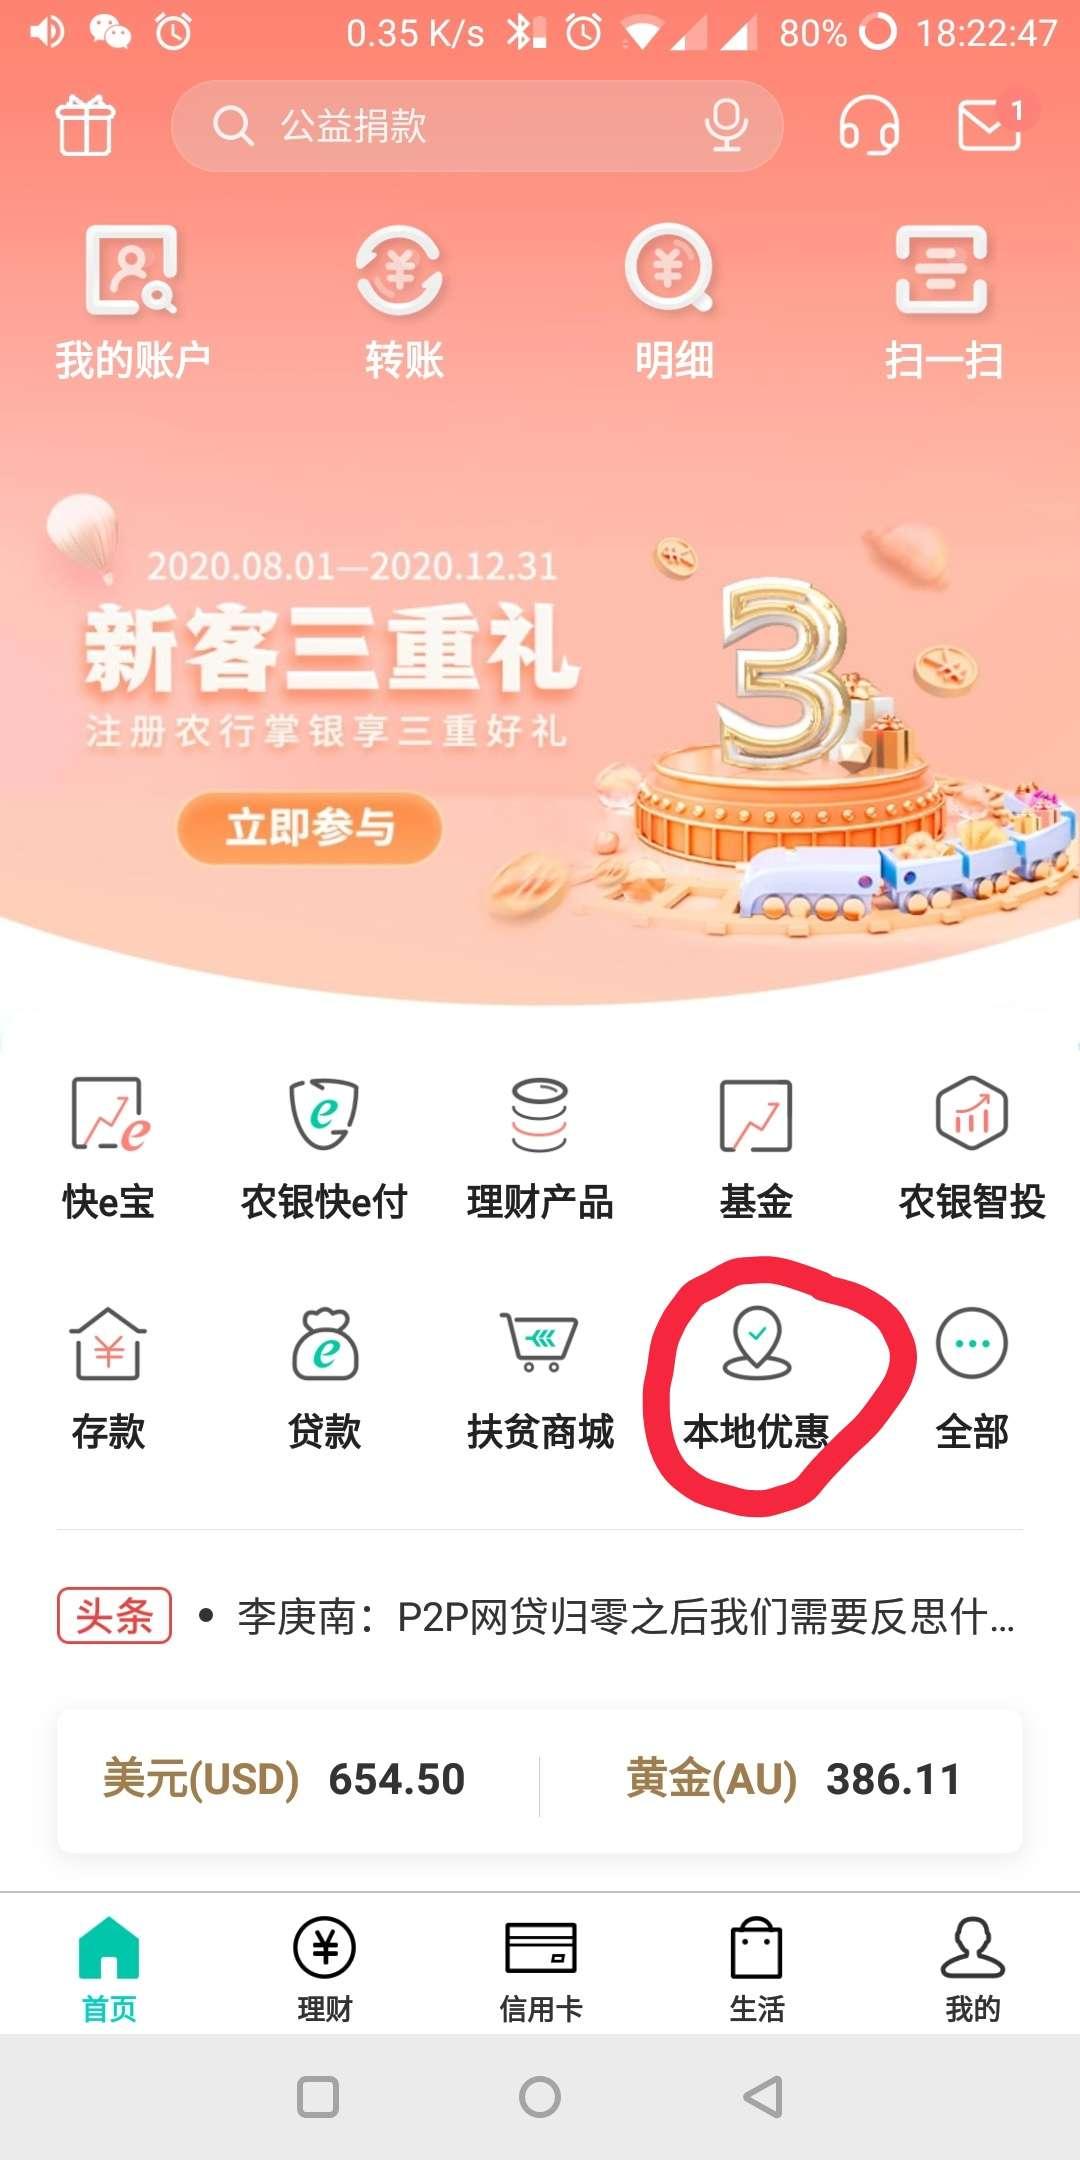 农行app抽话费-聚合资源网